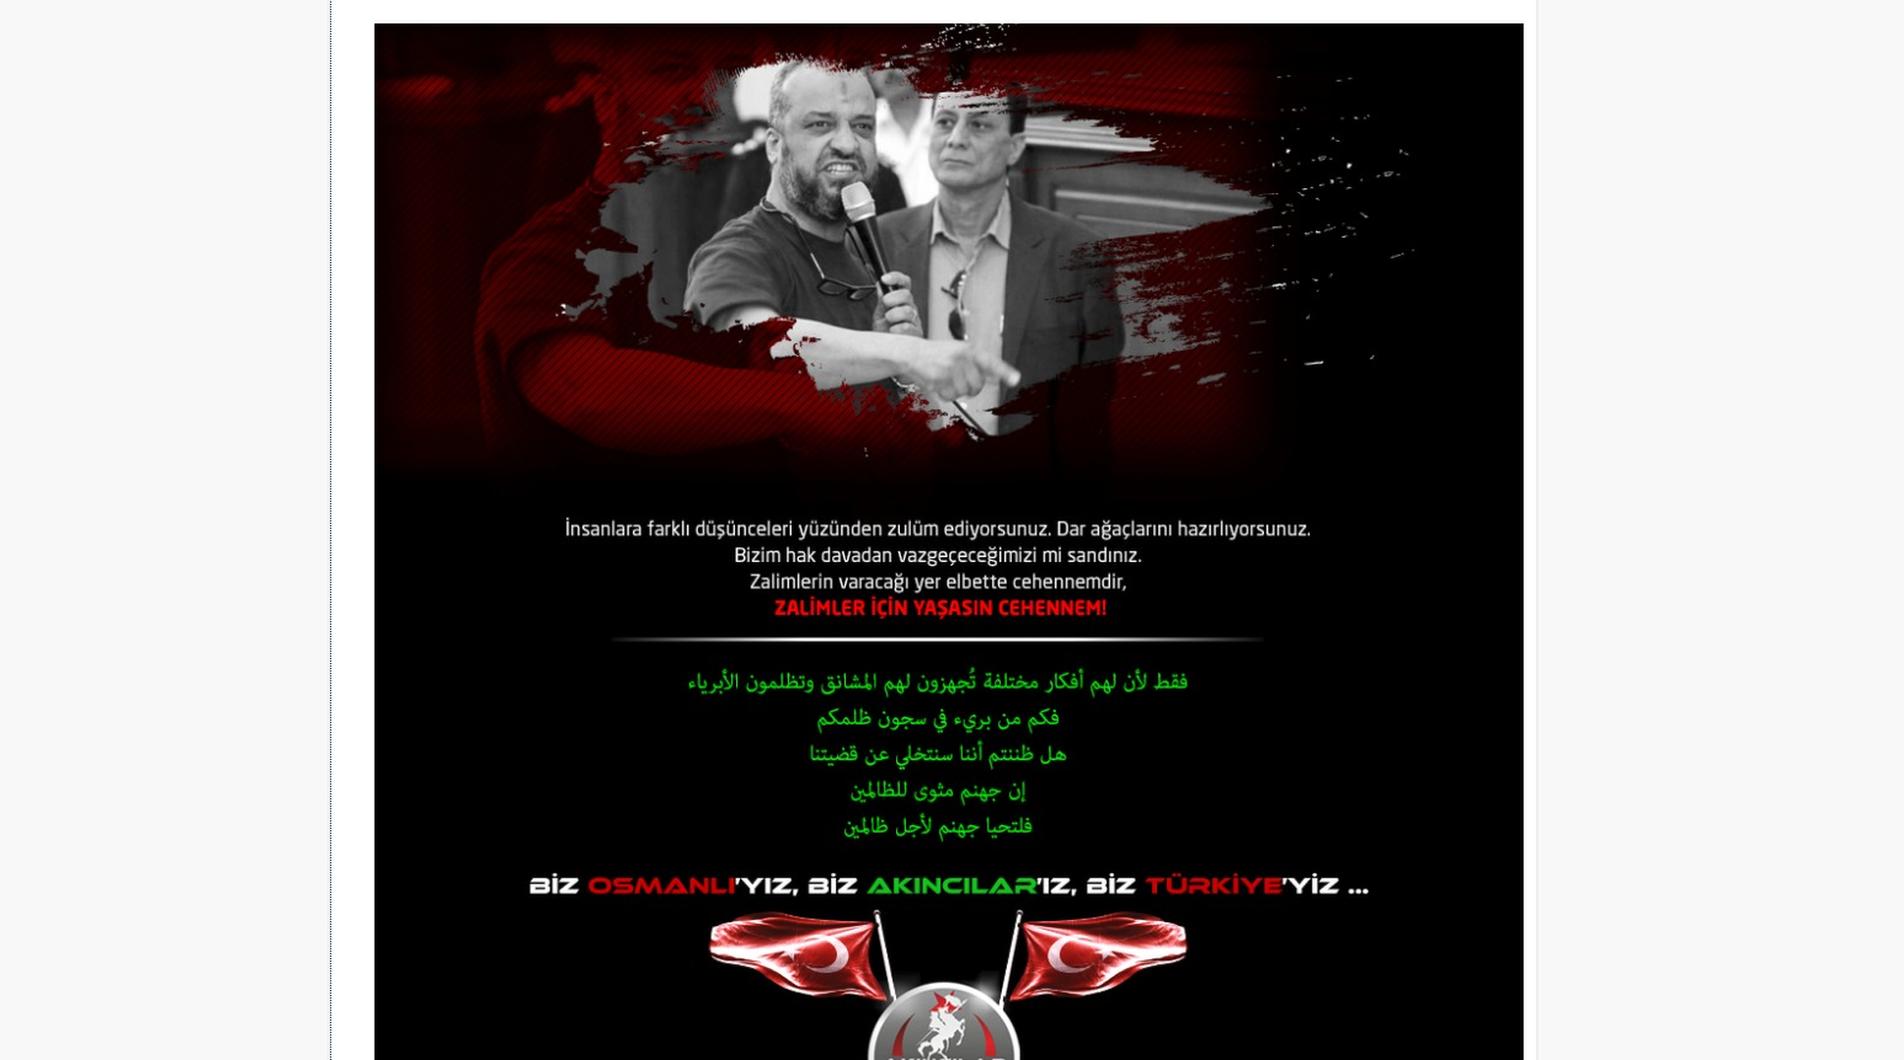 الصفحة الرئيسية لموقع وكالة أنباء الشرق الأوسط المصرية عند قرصنته